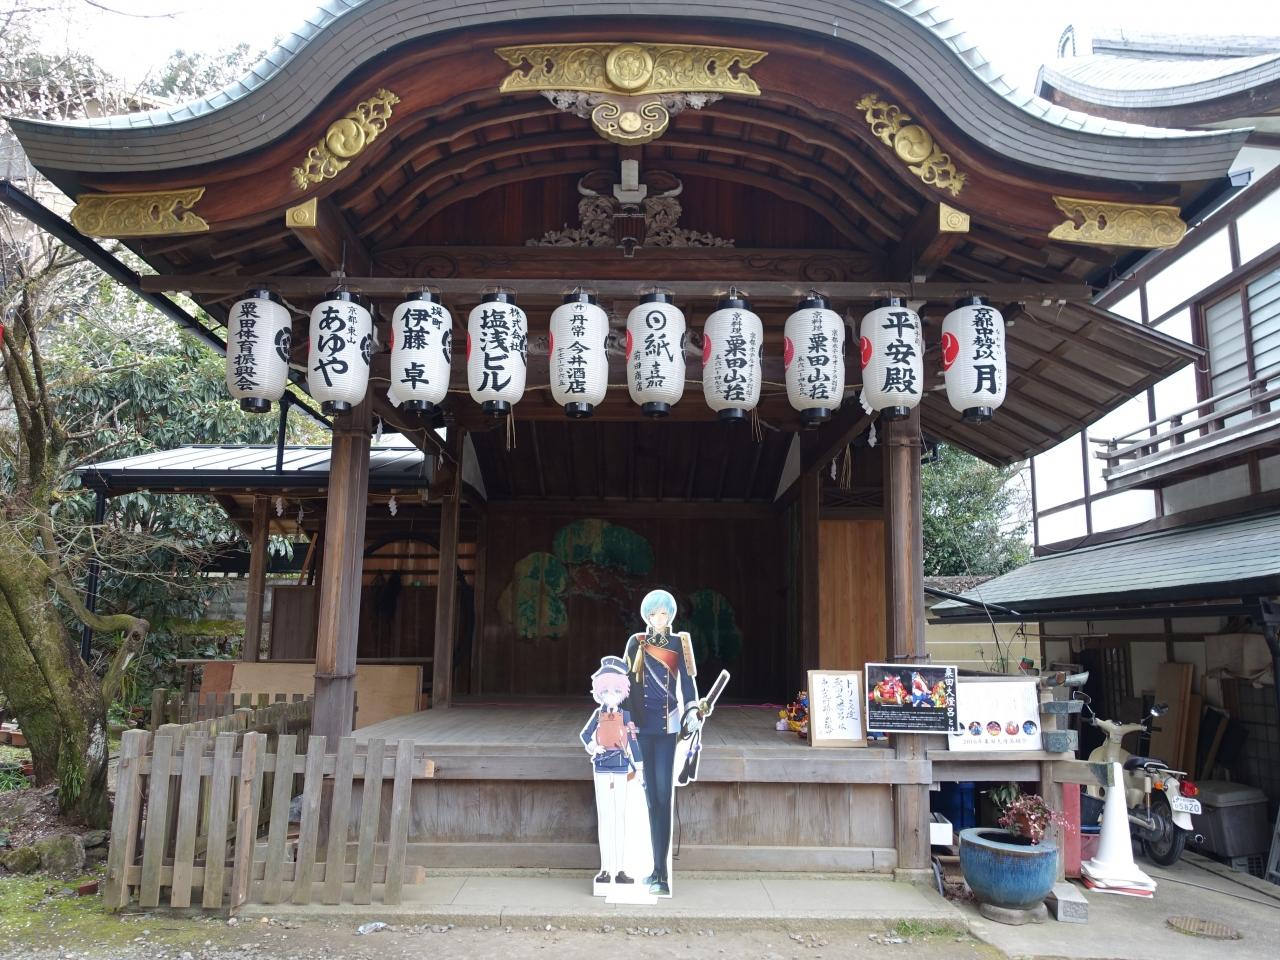 京都の七口の一つ、東の出入り口にあたる場所だそうです。